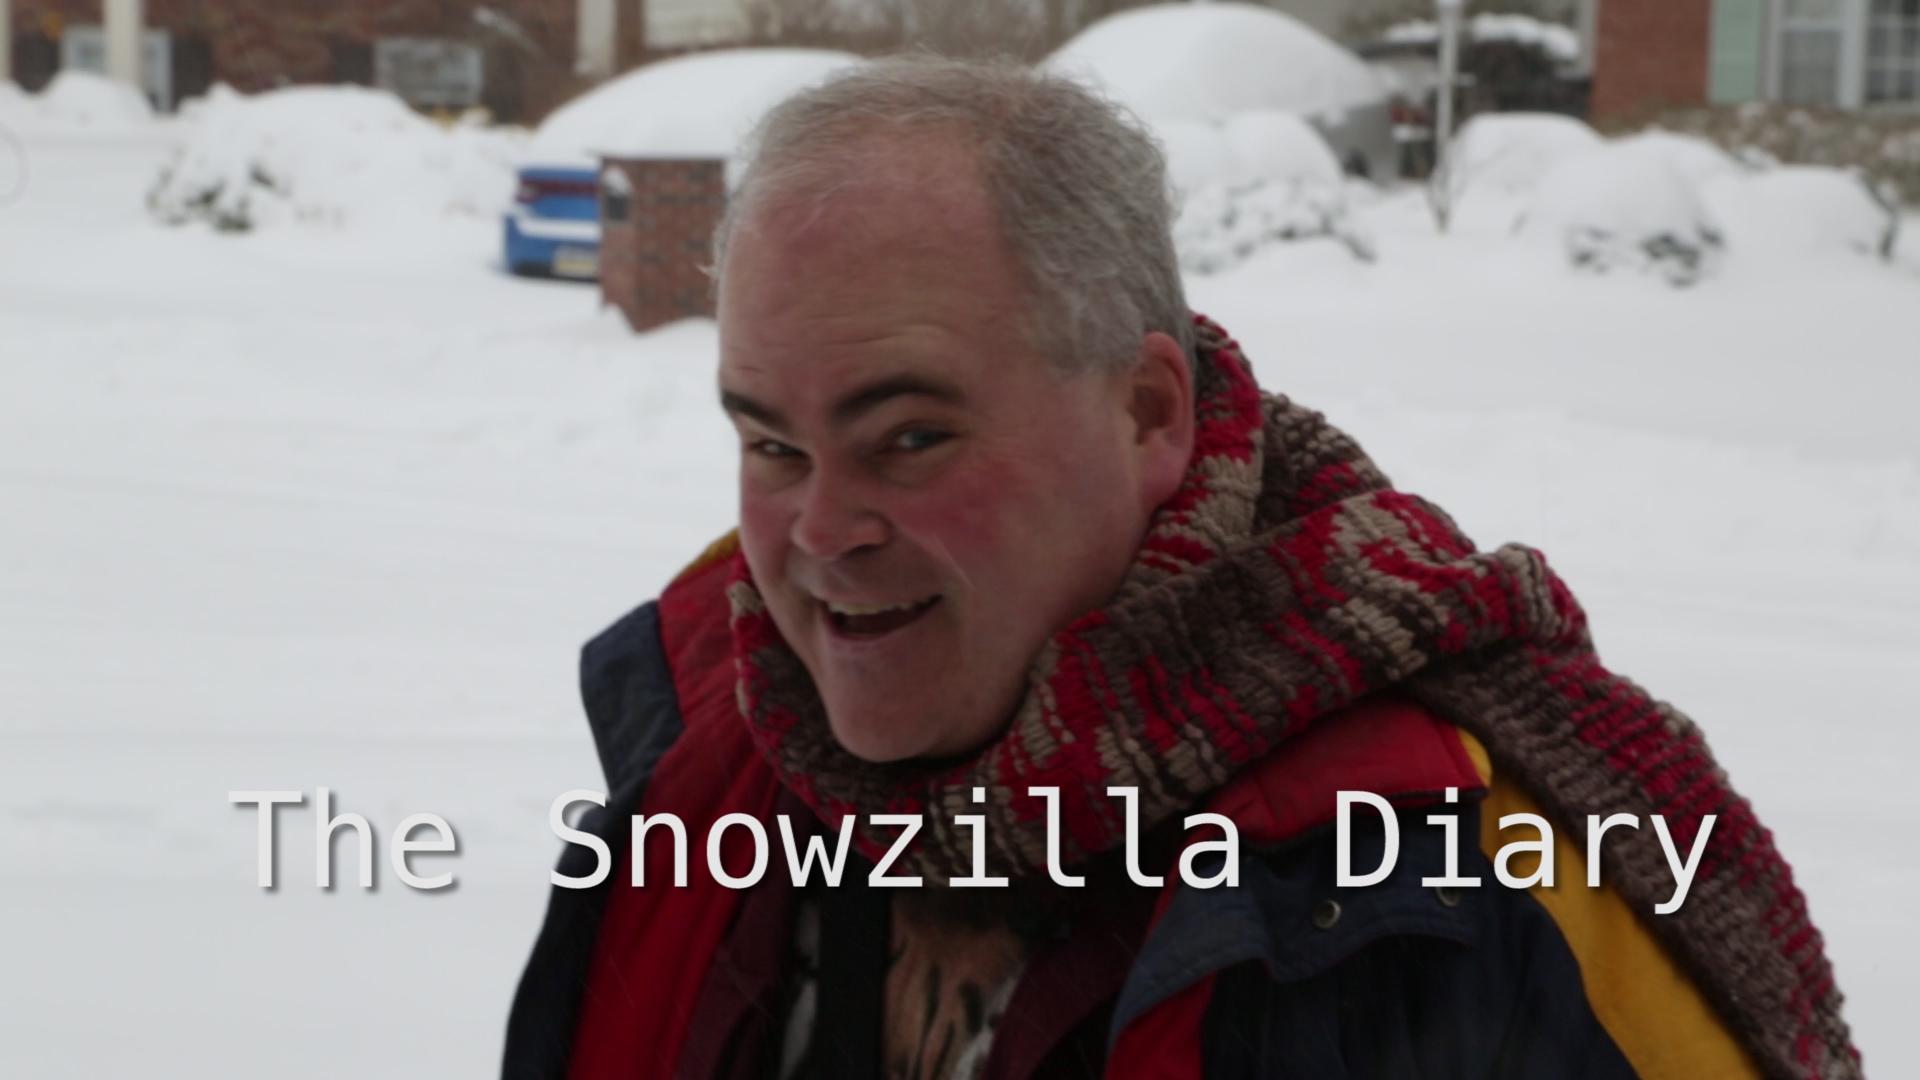 Snowzilla Diary